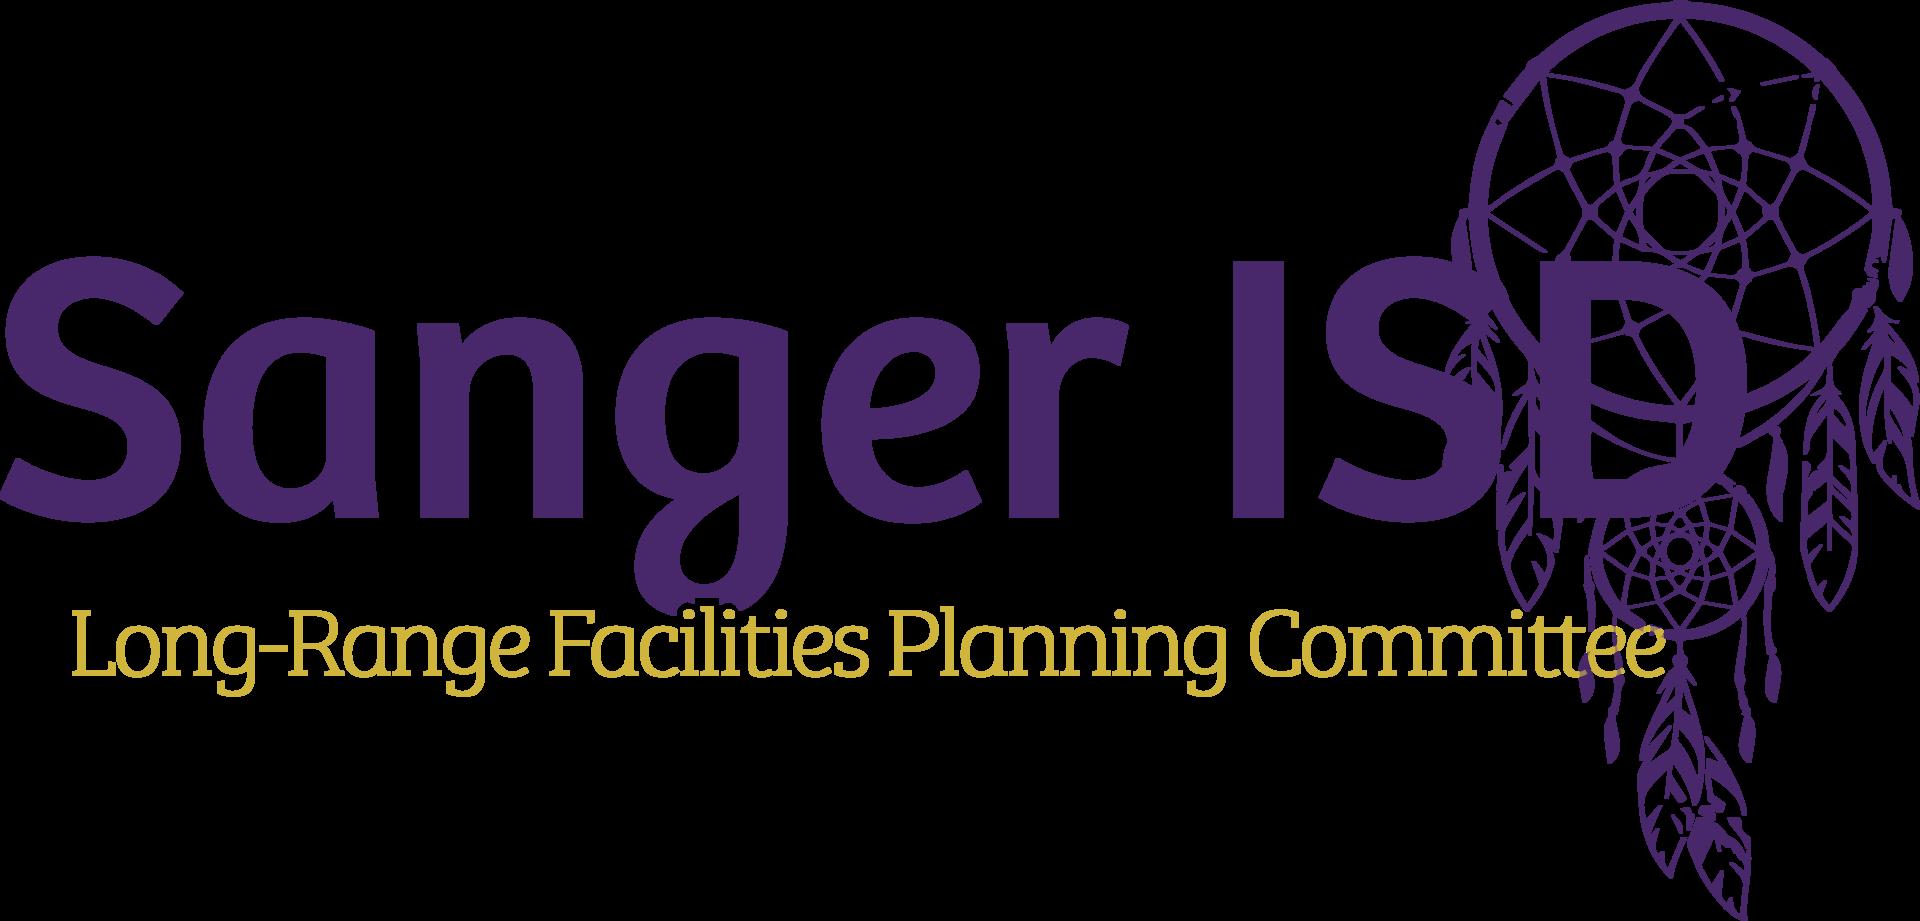 Sanger ISD LRFPC Logo